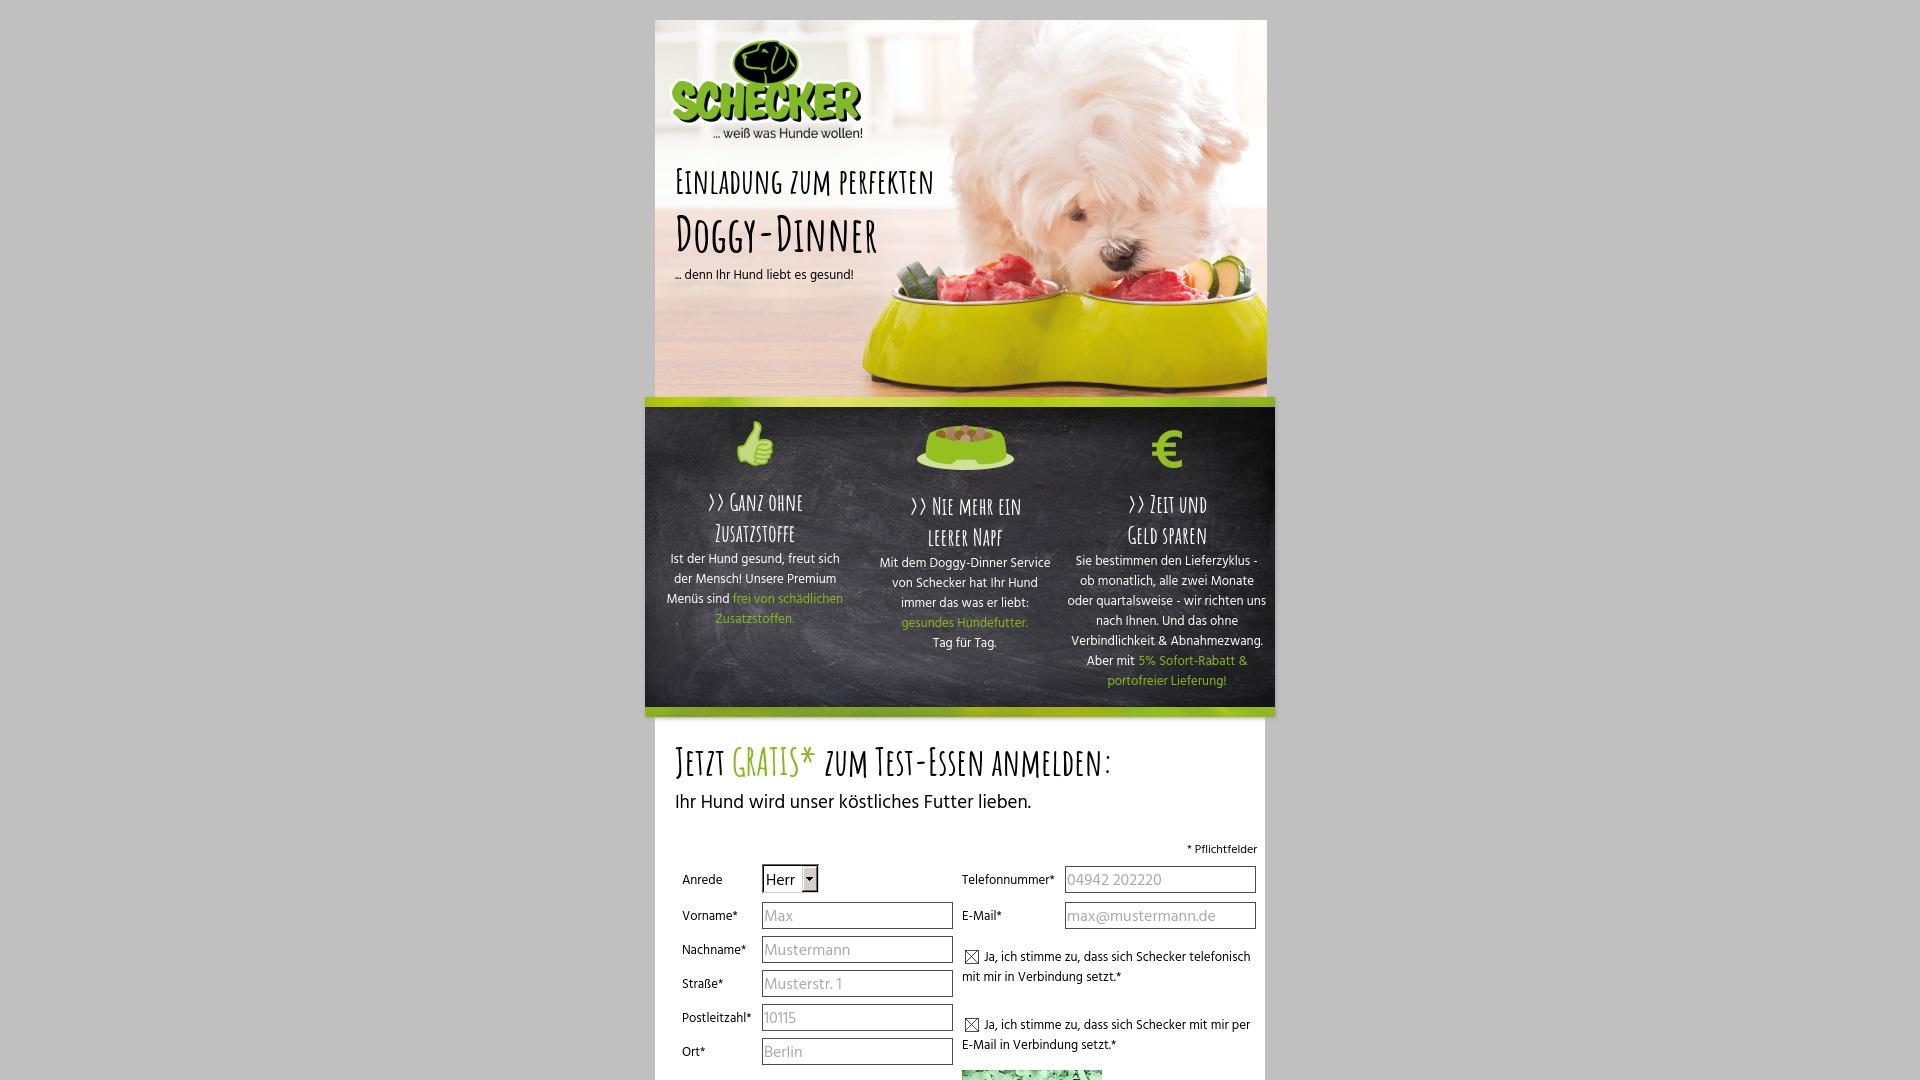 Gutschein für Doggy-dinner: Rabatte für  Doggy-dinner sichern